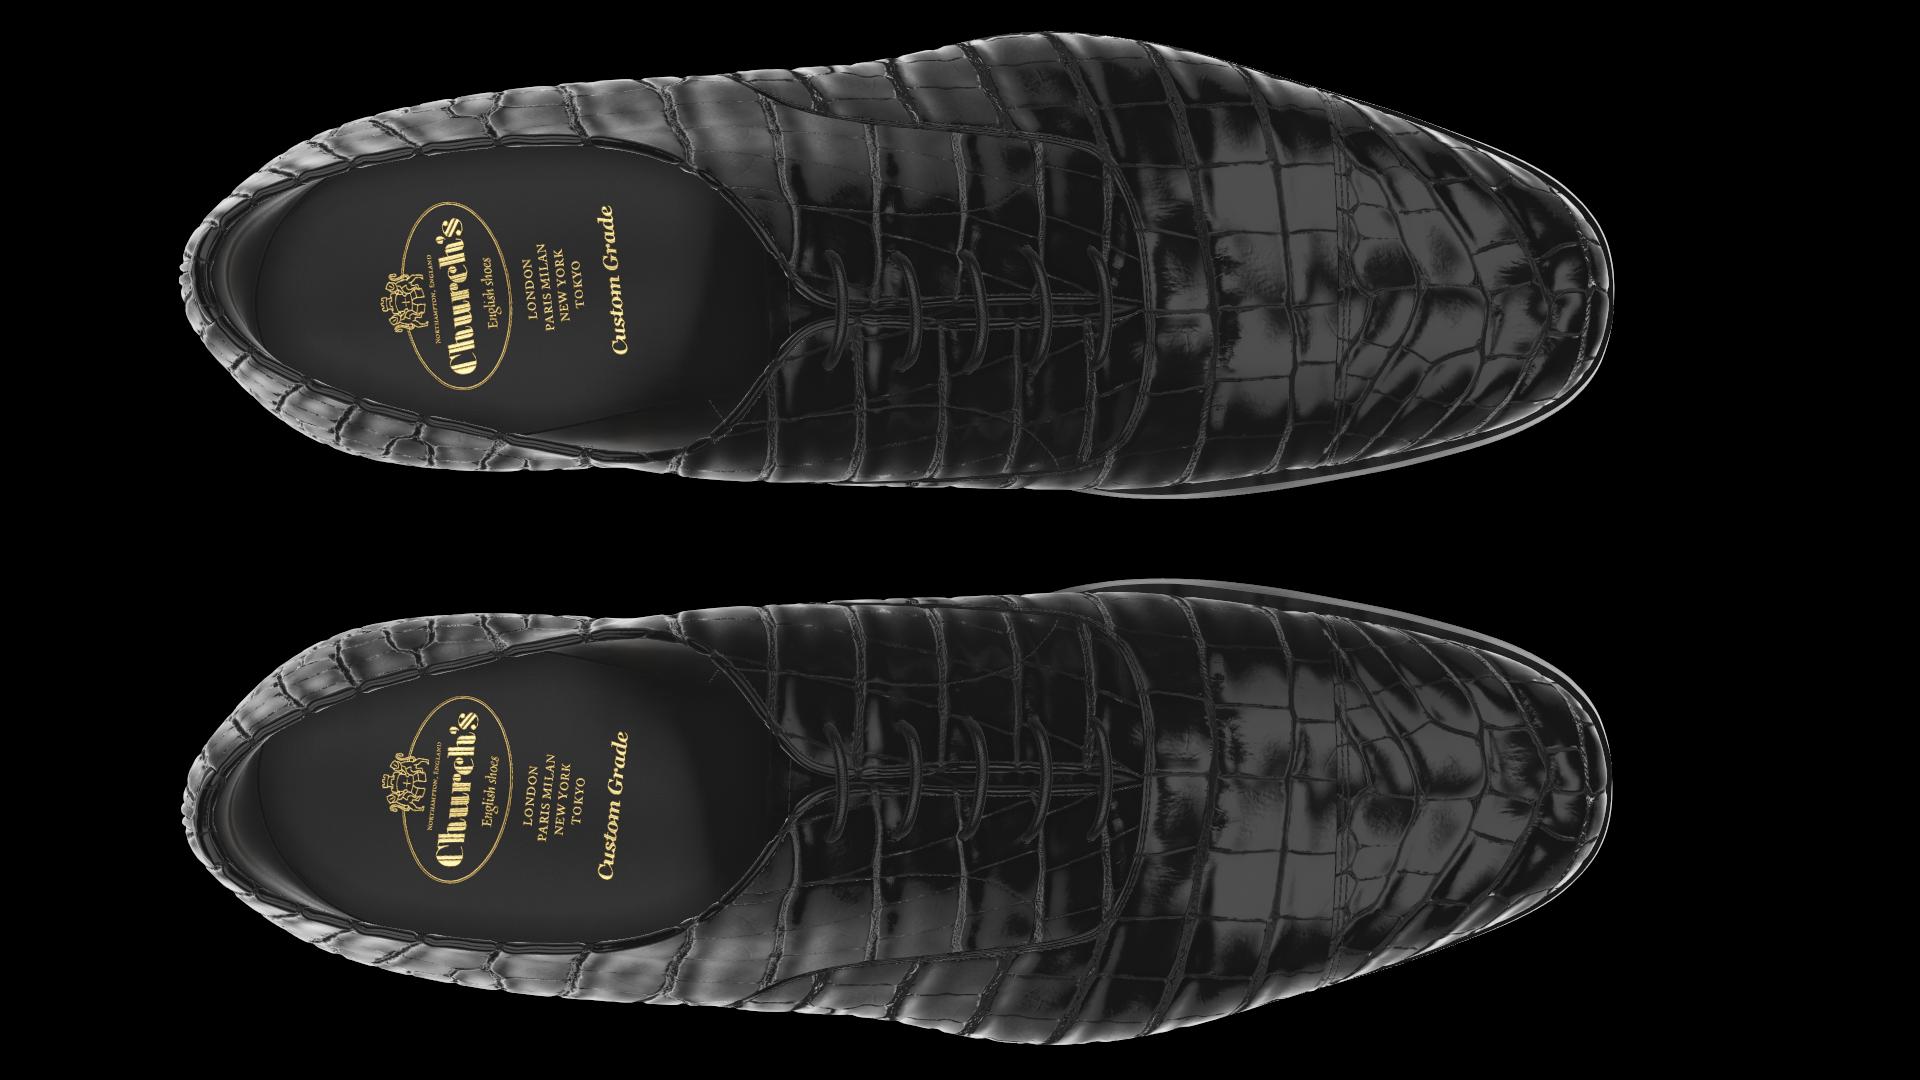 3D visual, 3D Configurator, 3D shoes, Photorealistic 3d visuals, Church's